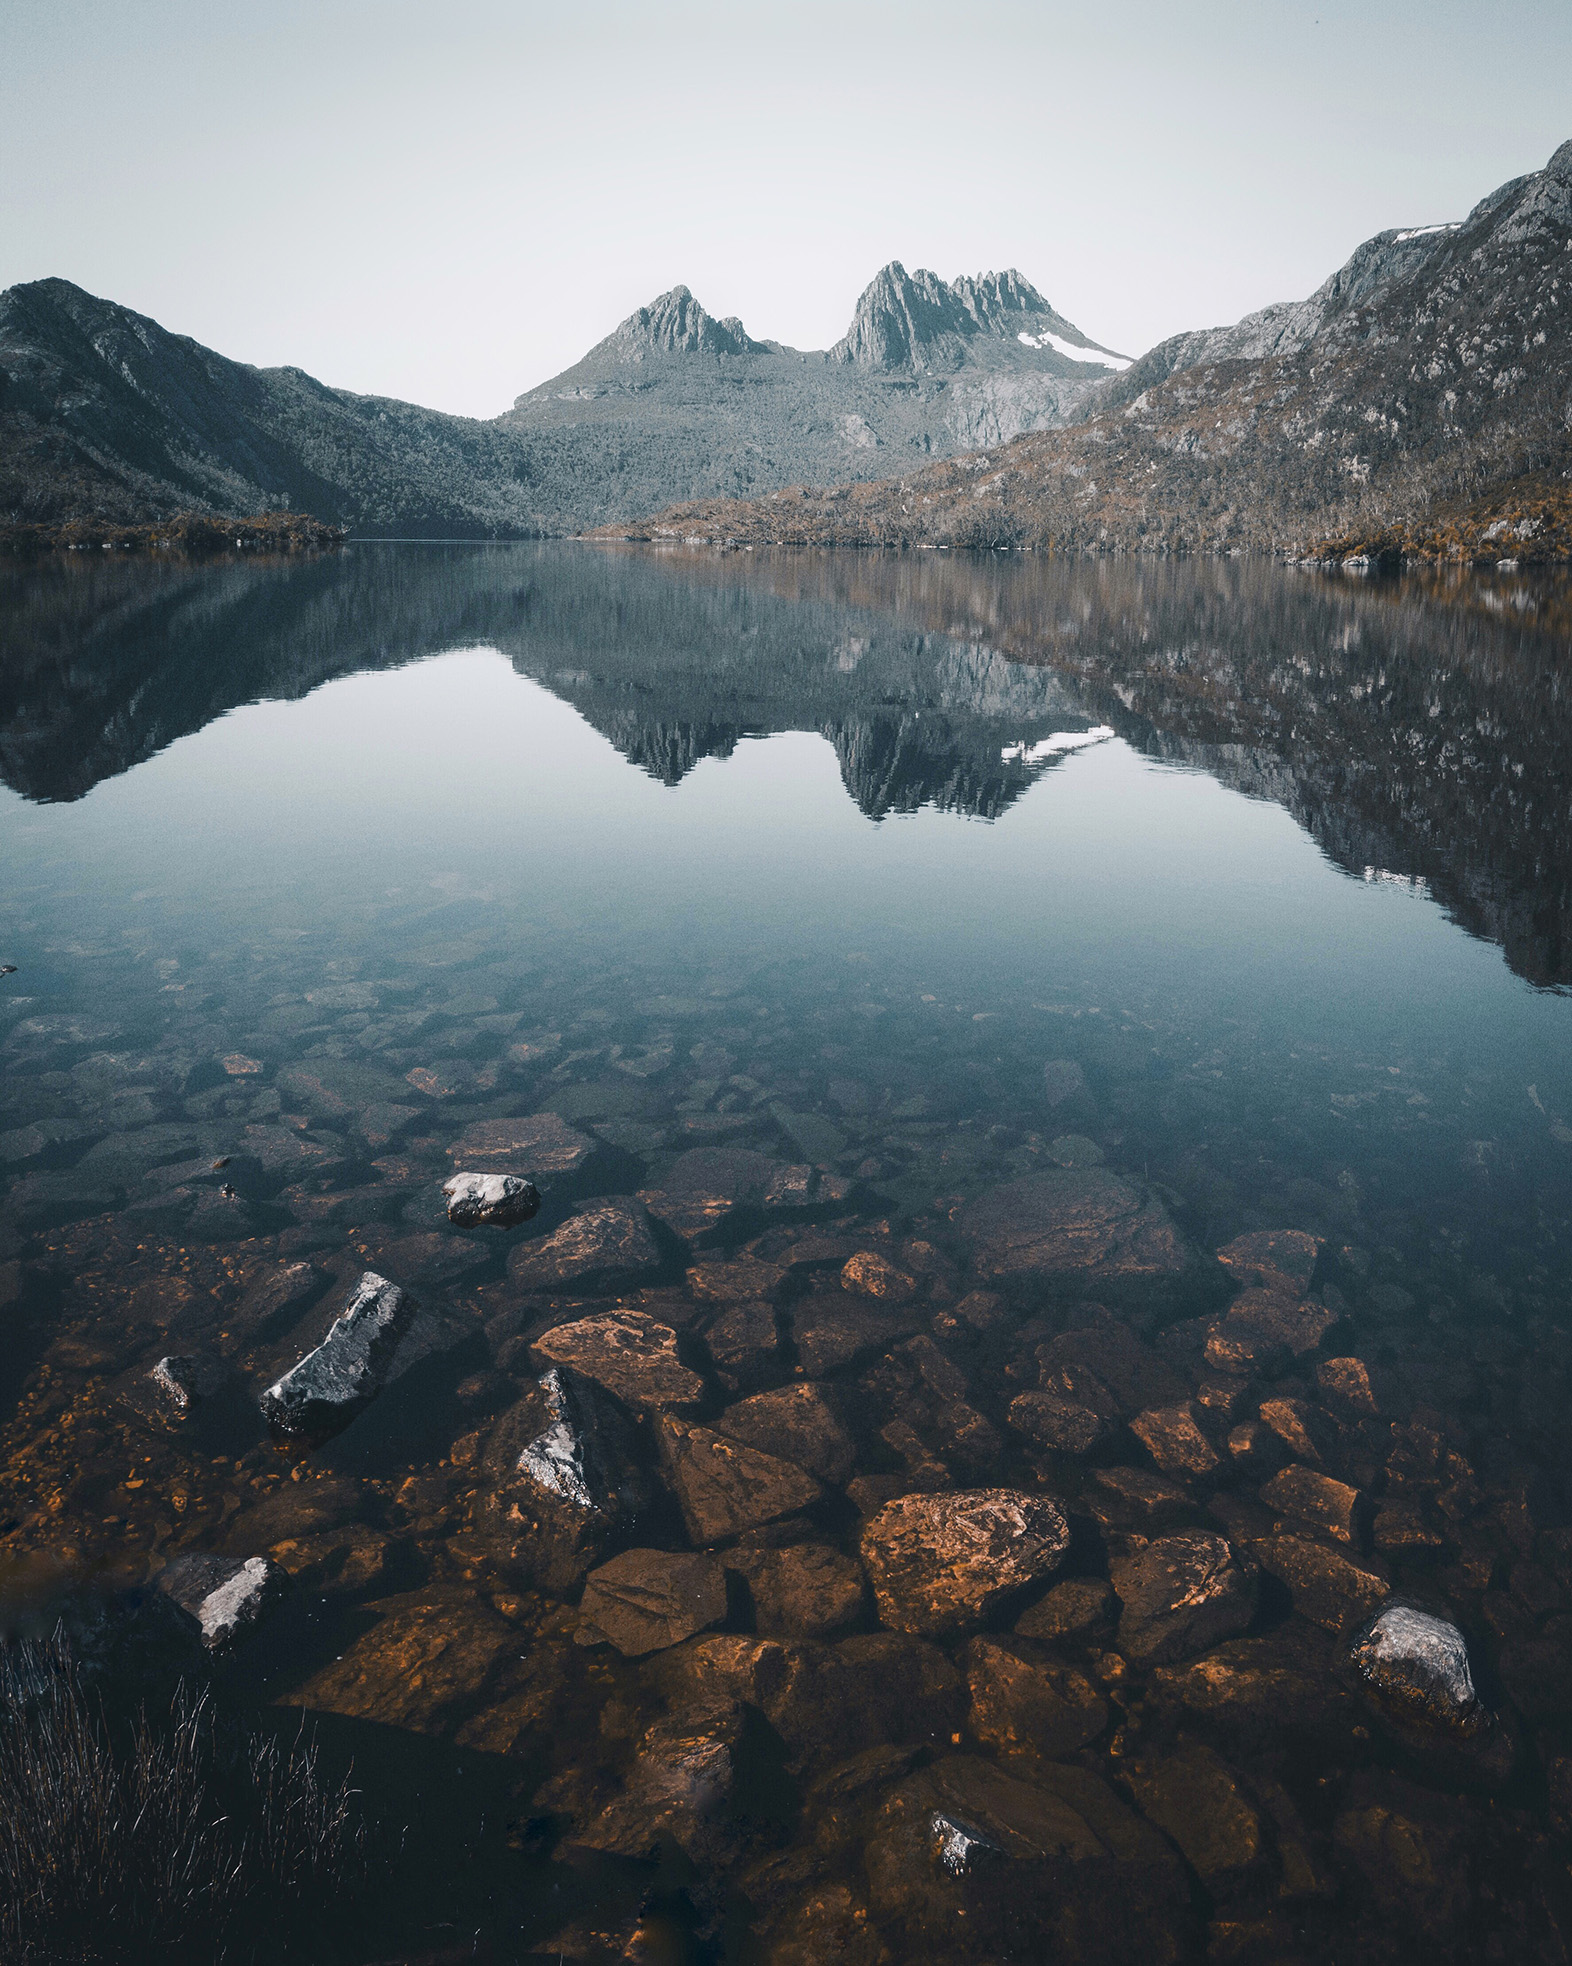 Entstanden ist dieses Bild vom Dove Lake am Morgen bei ISO 100, Blende 1.7 und Verschlusszeit 1/2000.